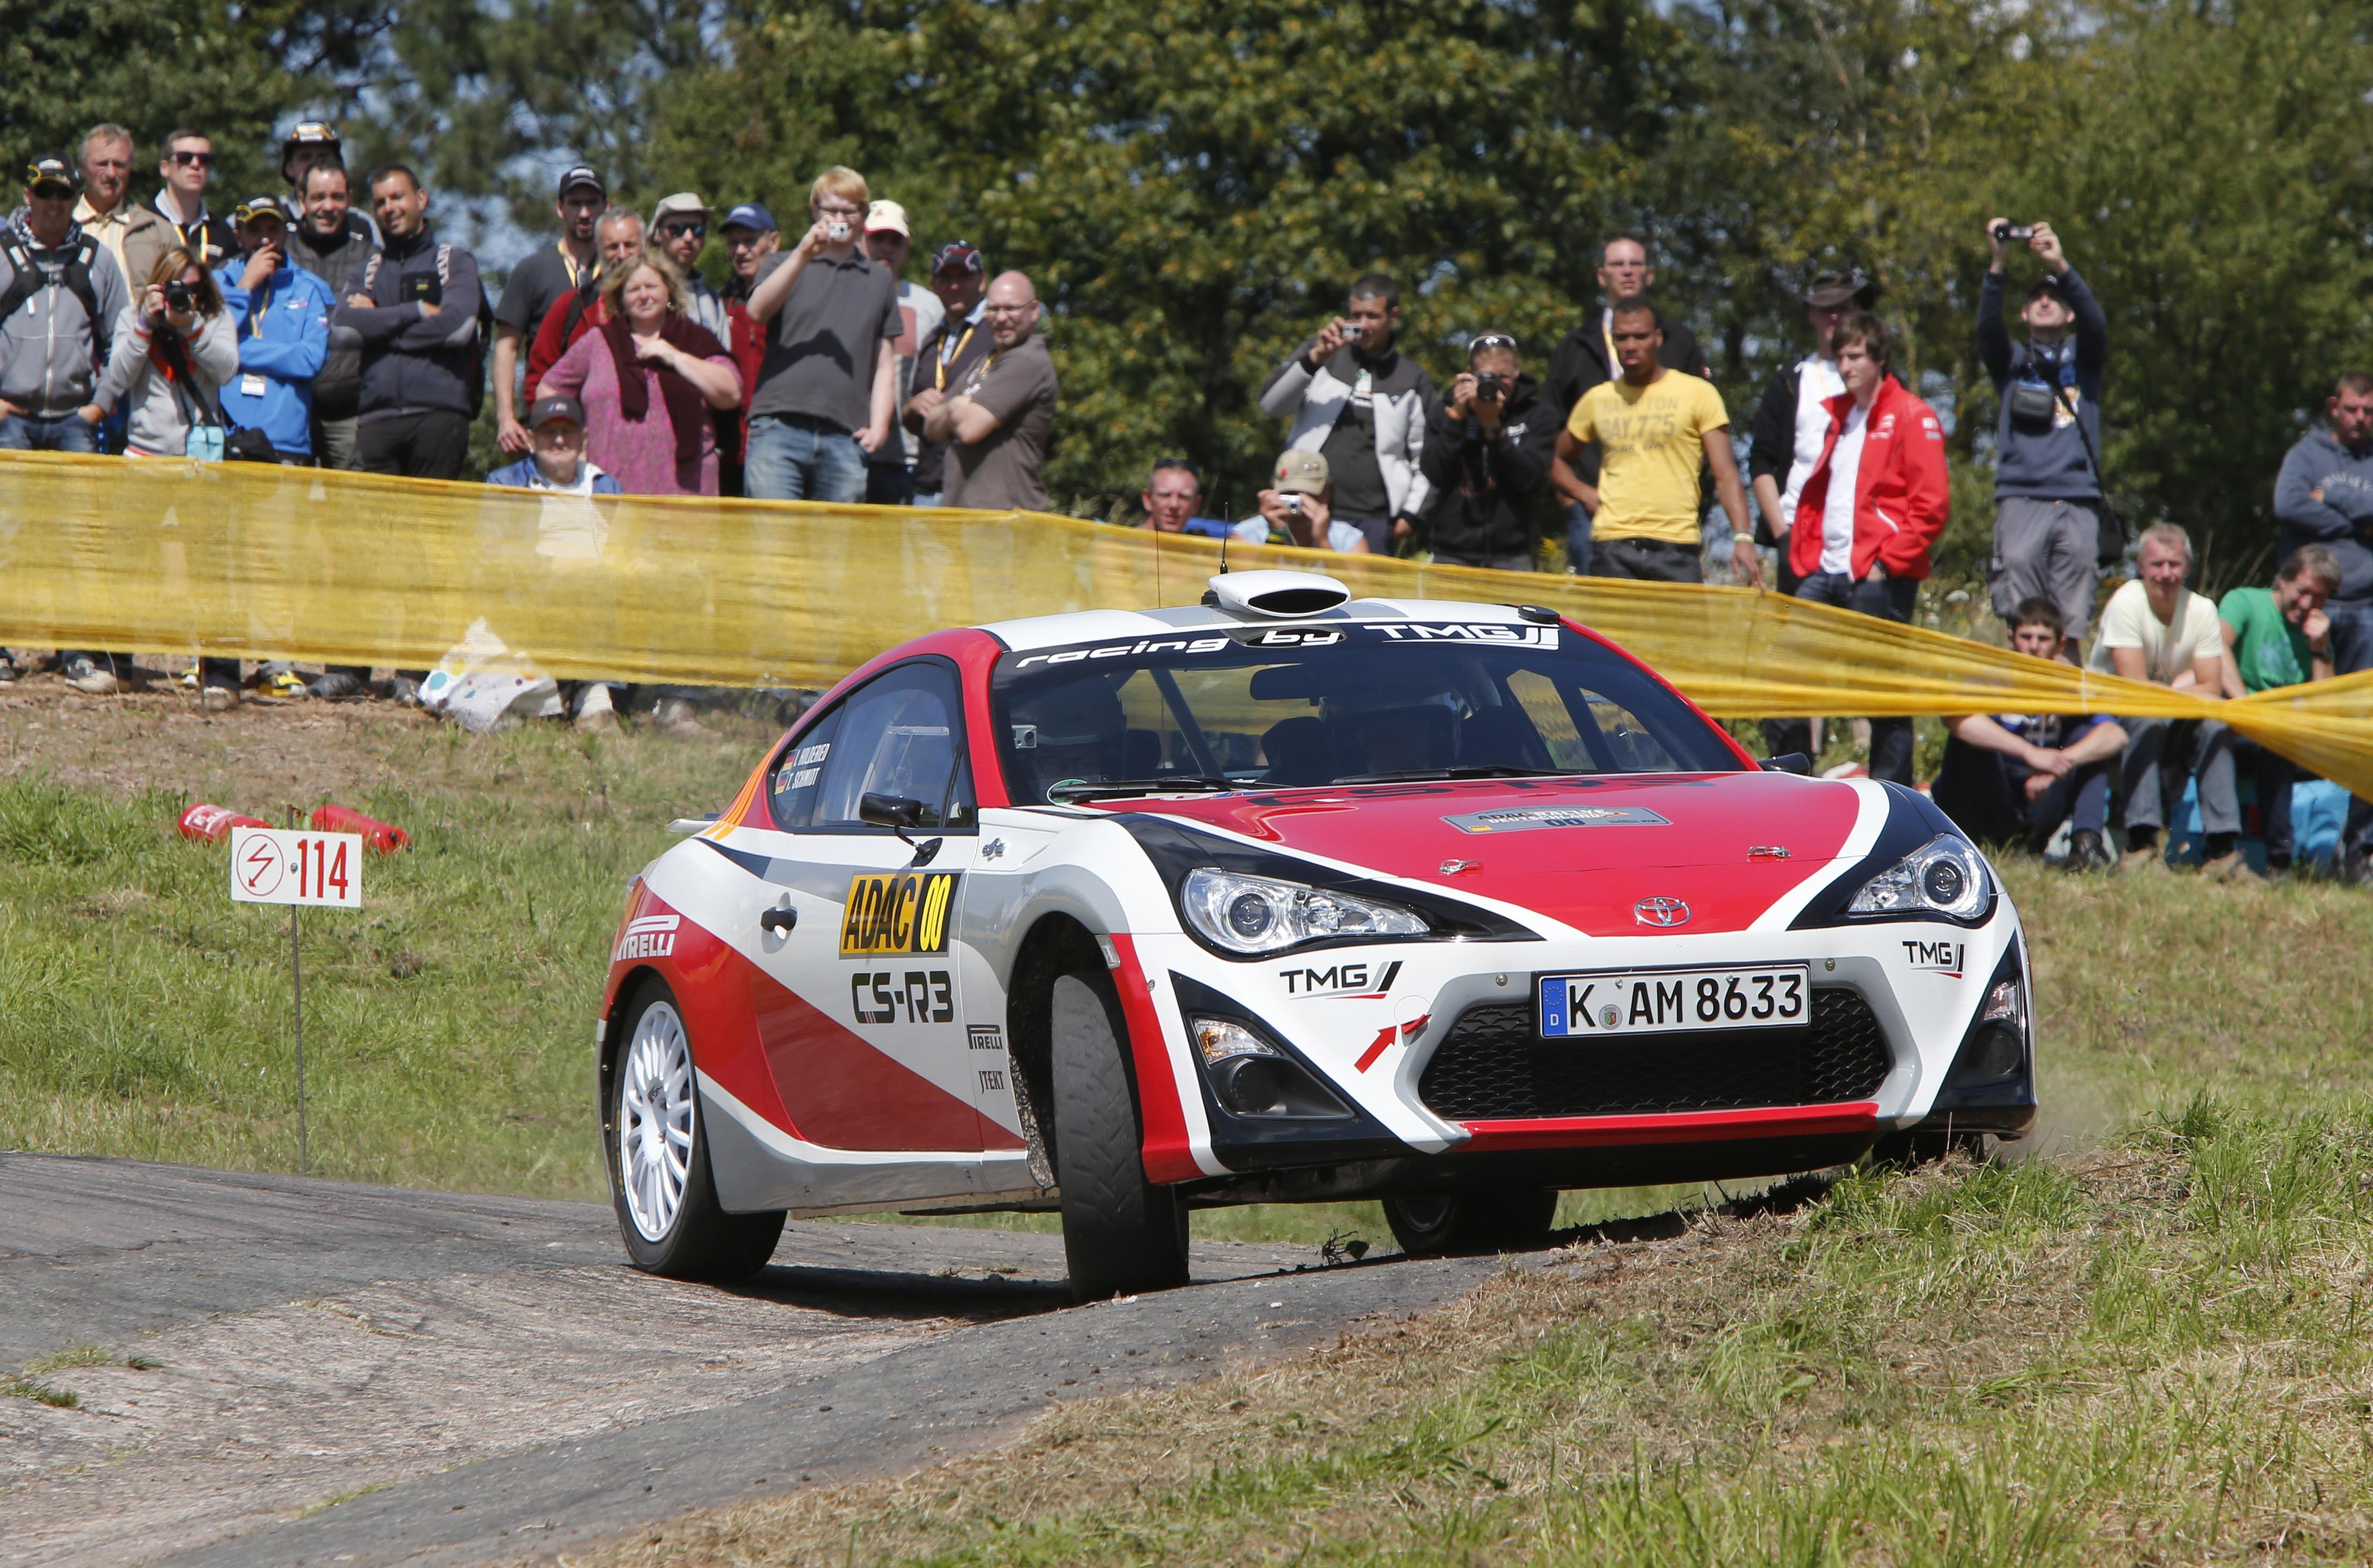 Manche 1 : Mardi 03 Avril 2018 S0-Rallye-Test-grandeur-nature-en-Allemagne-pour-la-Toyota-GT86-CS-R3-329391